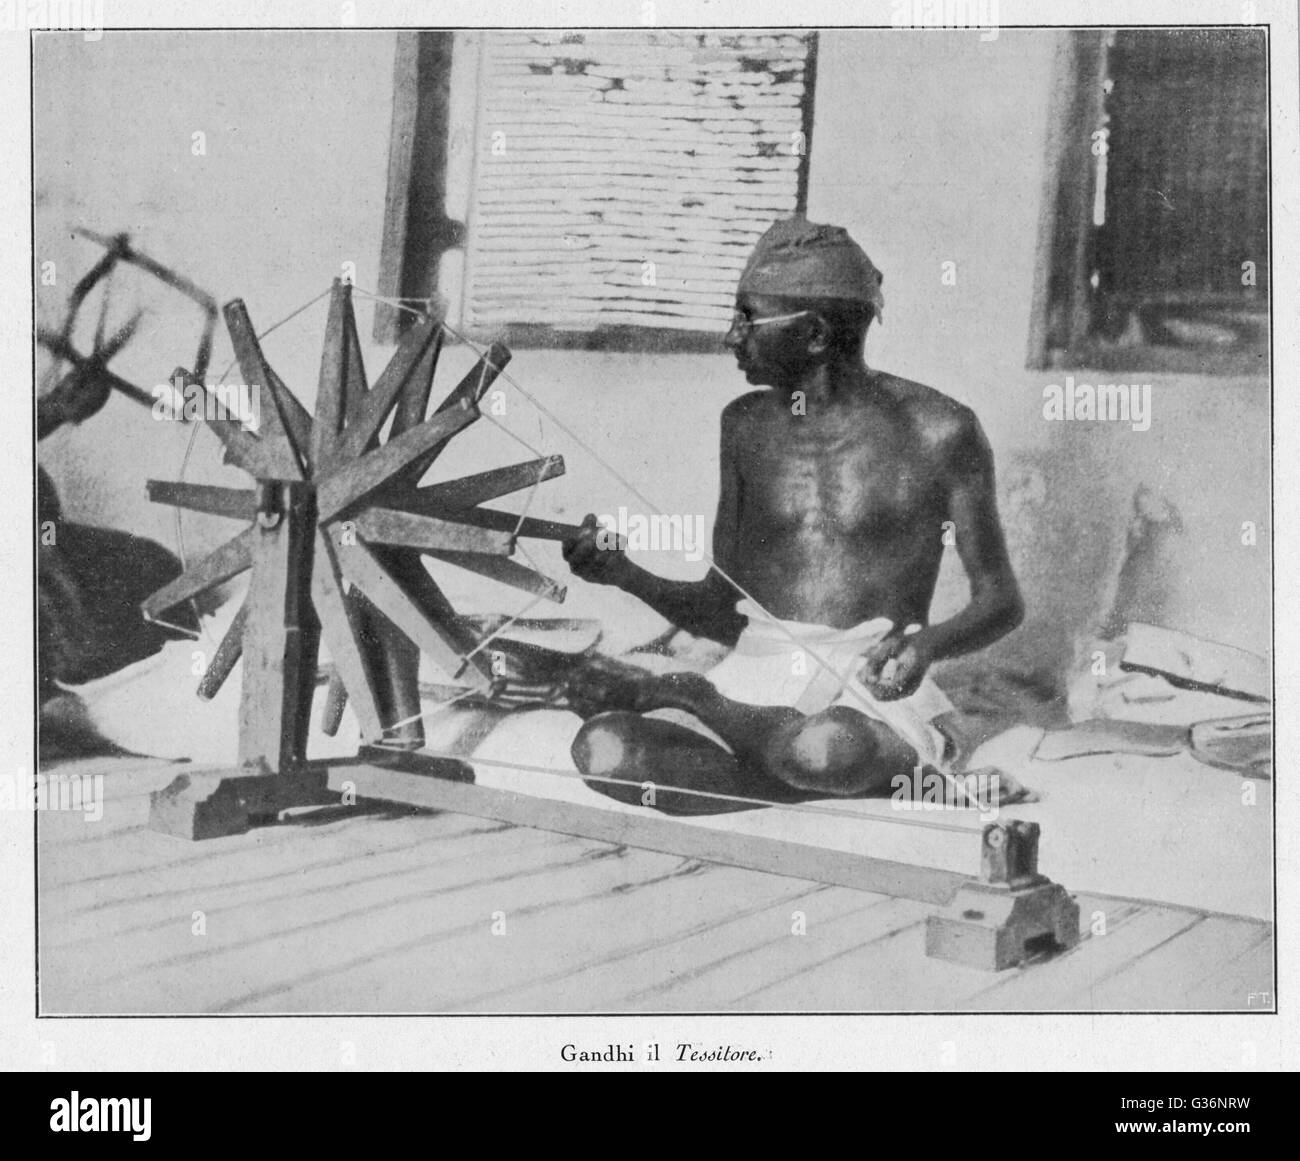 Nacionalista indio Mahatma Gandhi, líder espiritual y, girando a su rueda (Charakha) en 1931, demostrando su fuerte Foto de stock